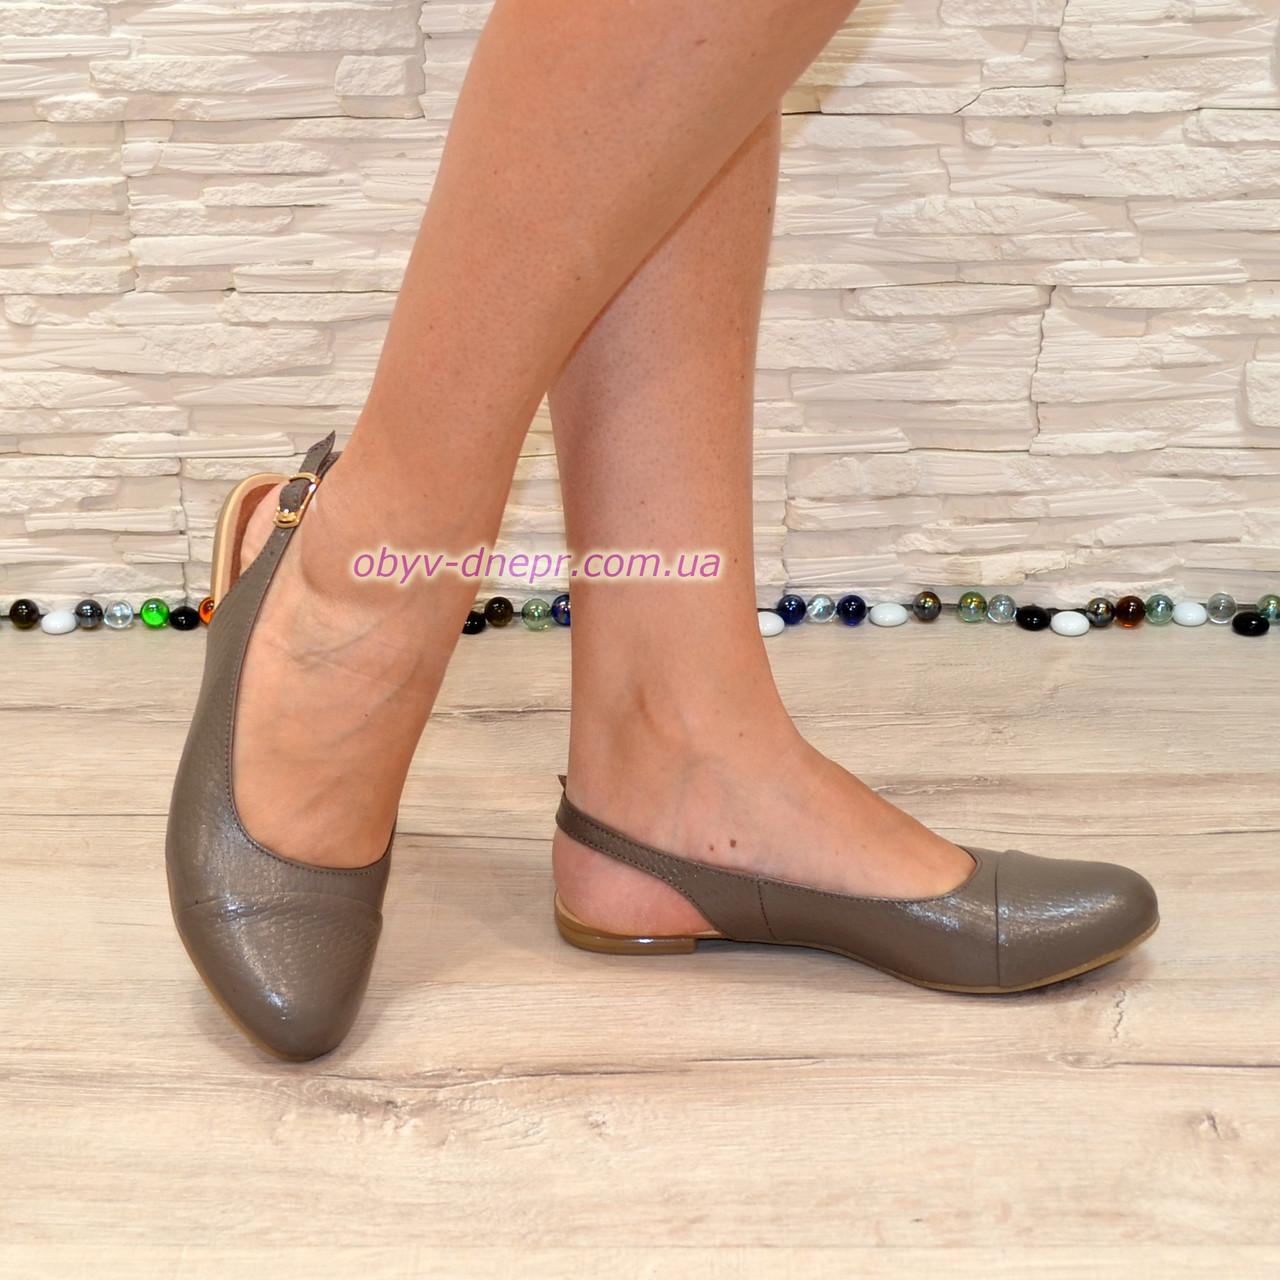 Женские кожаные босоножки с закрытым носком и открытой пяткой от производителя